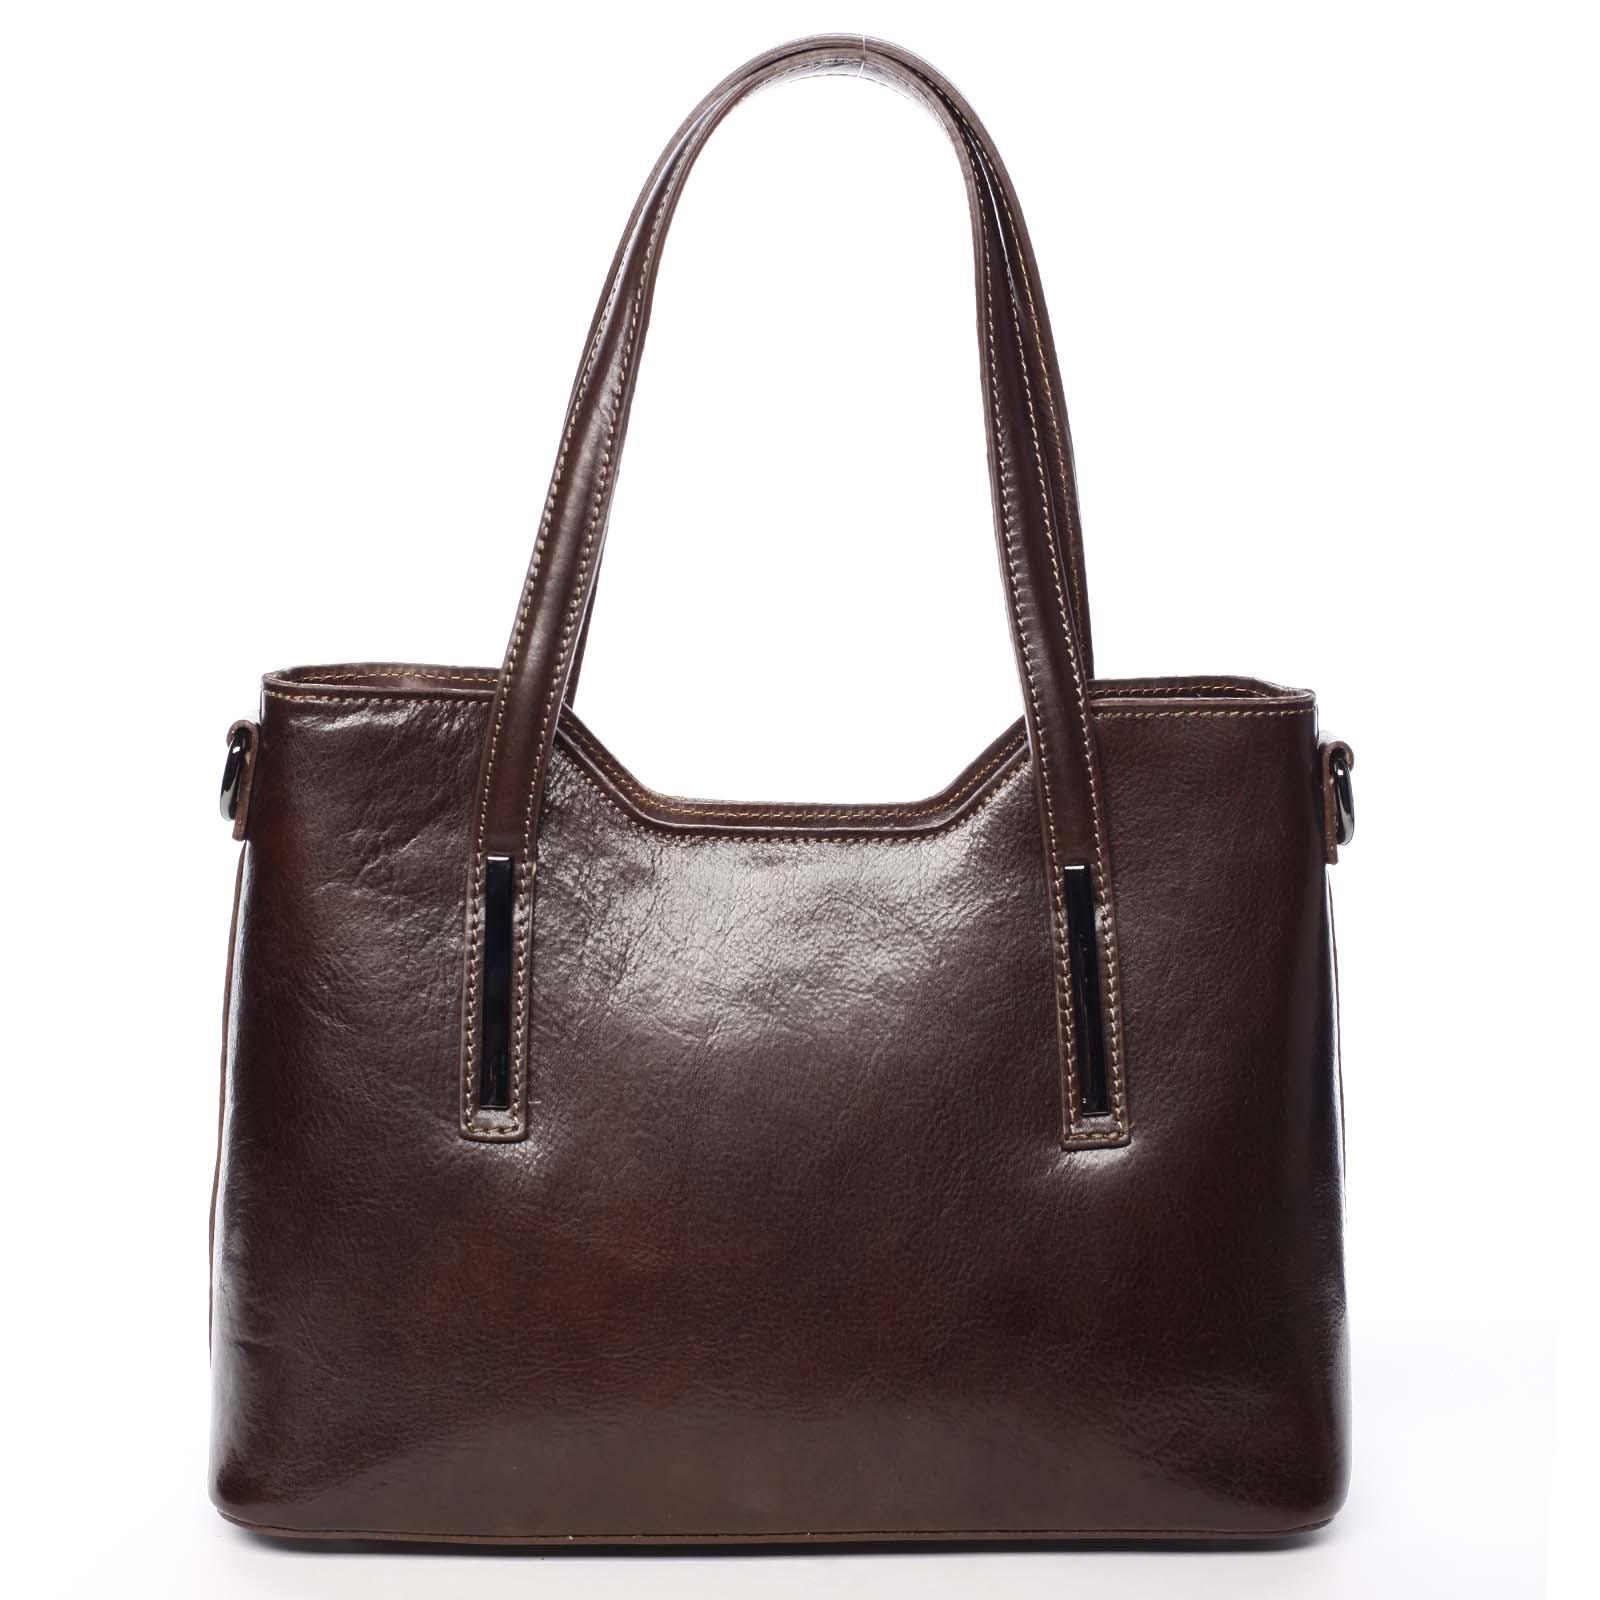 Stredná kožená kabelka tmavo hnedá - ItalY Chevell hnedá